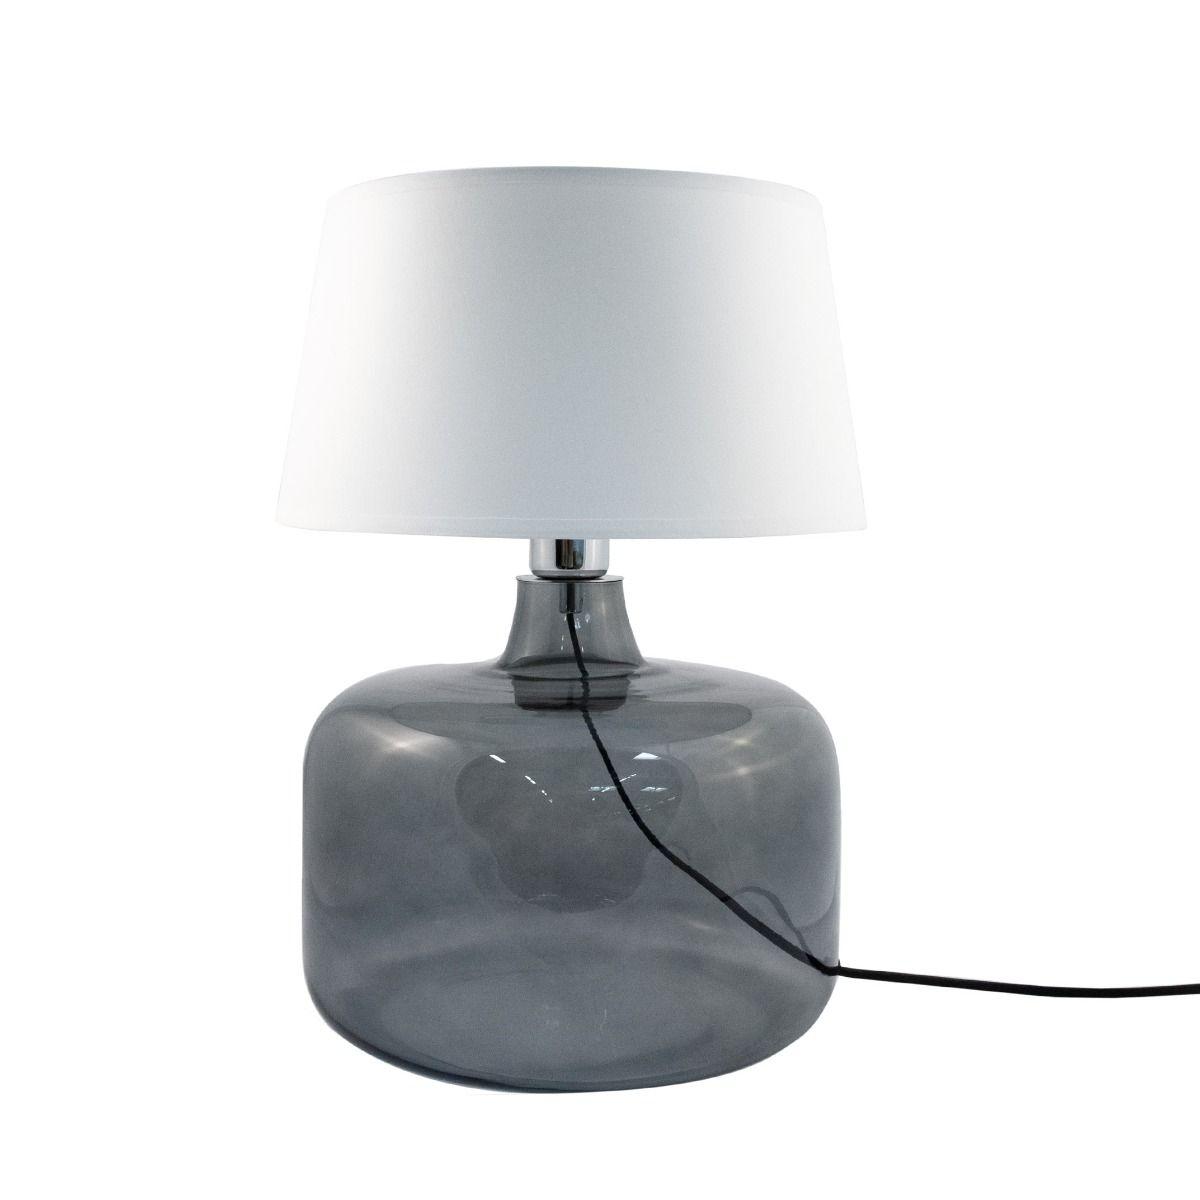 Настолна лампа Batumi, бяла